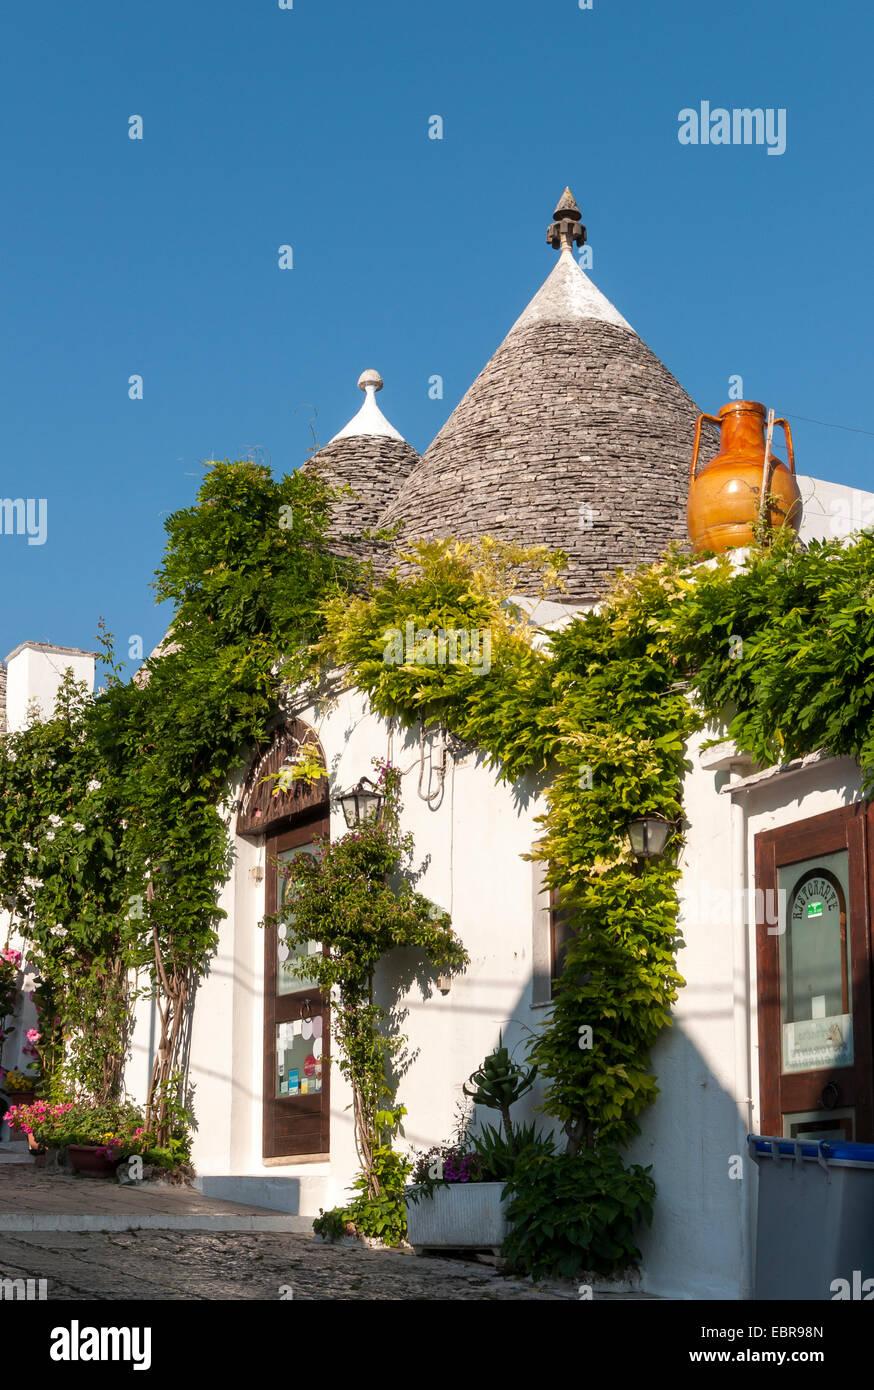 Trullo House, Alberobello Trulli District, Puglia, Italia Imagen De Stock